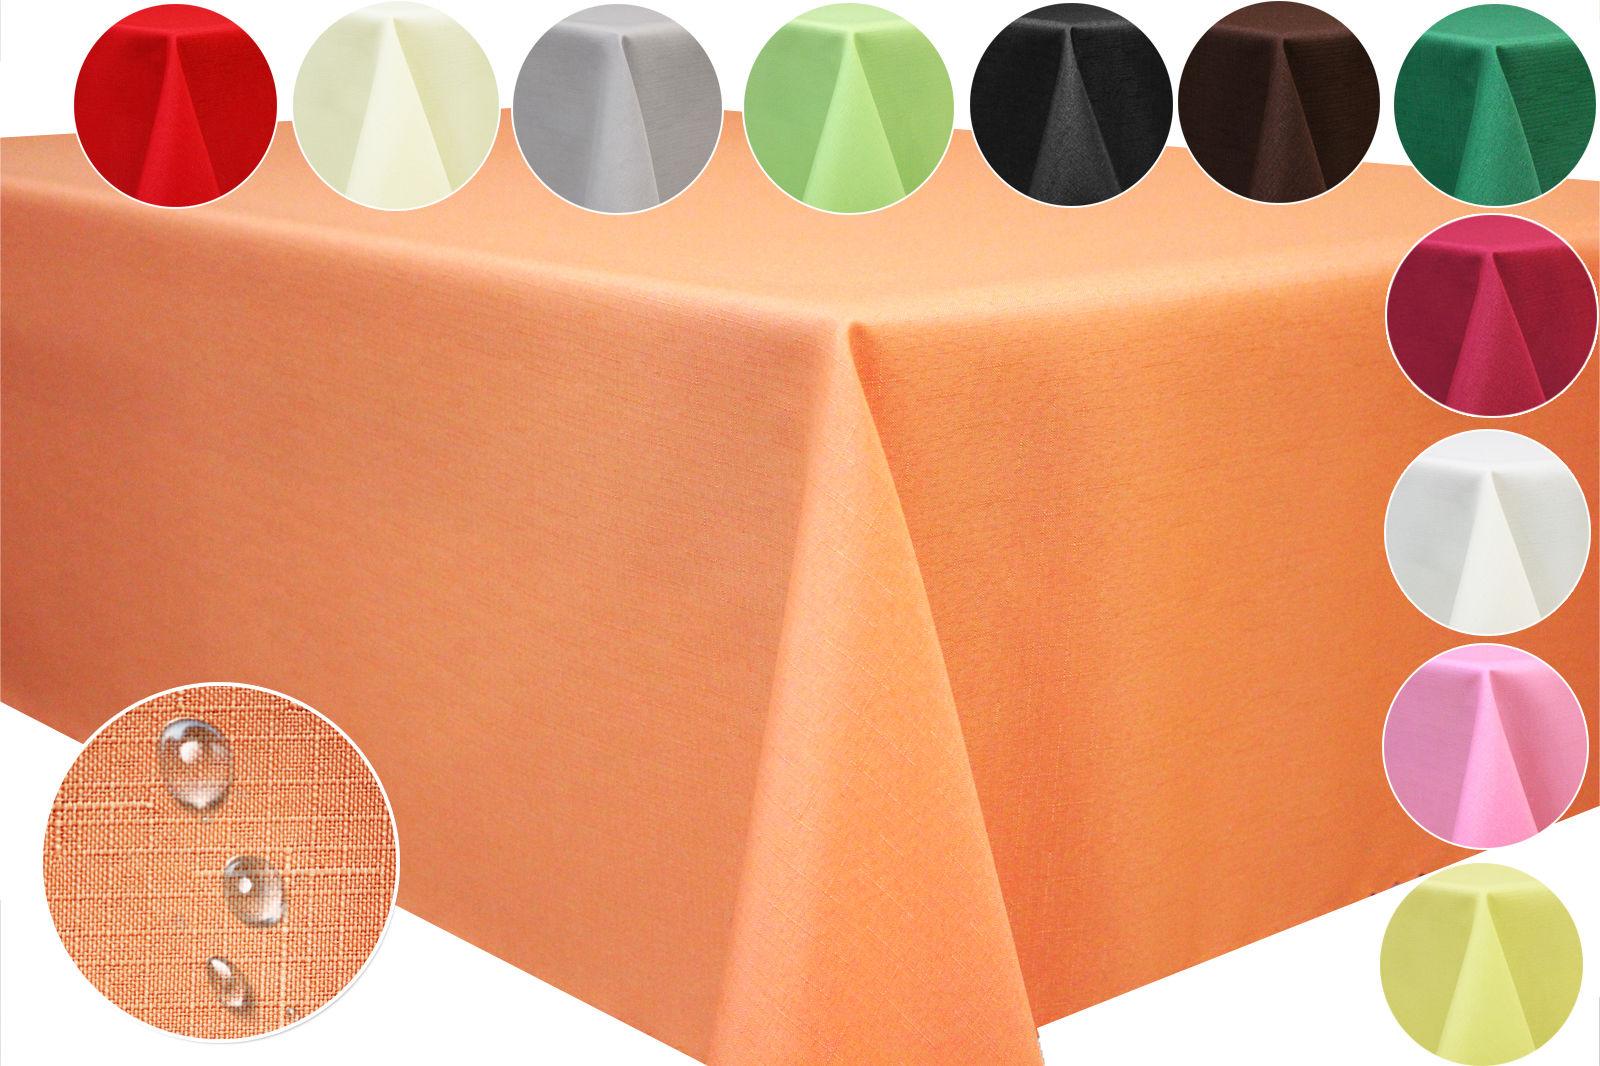 Tischdecke Leinen Optik Tischläufer Lotus Effekt Fleckschutz Gartentischdecke